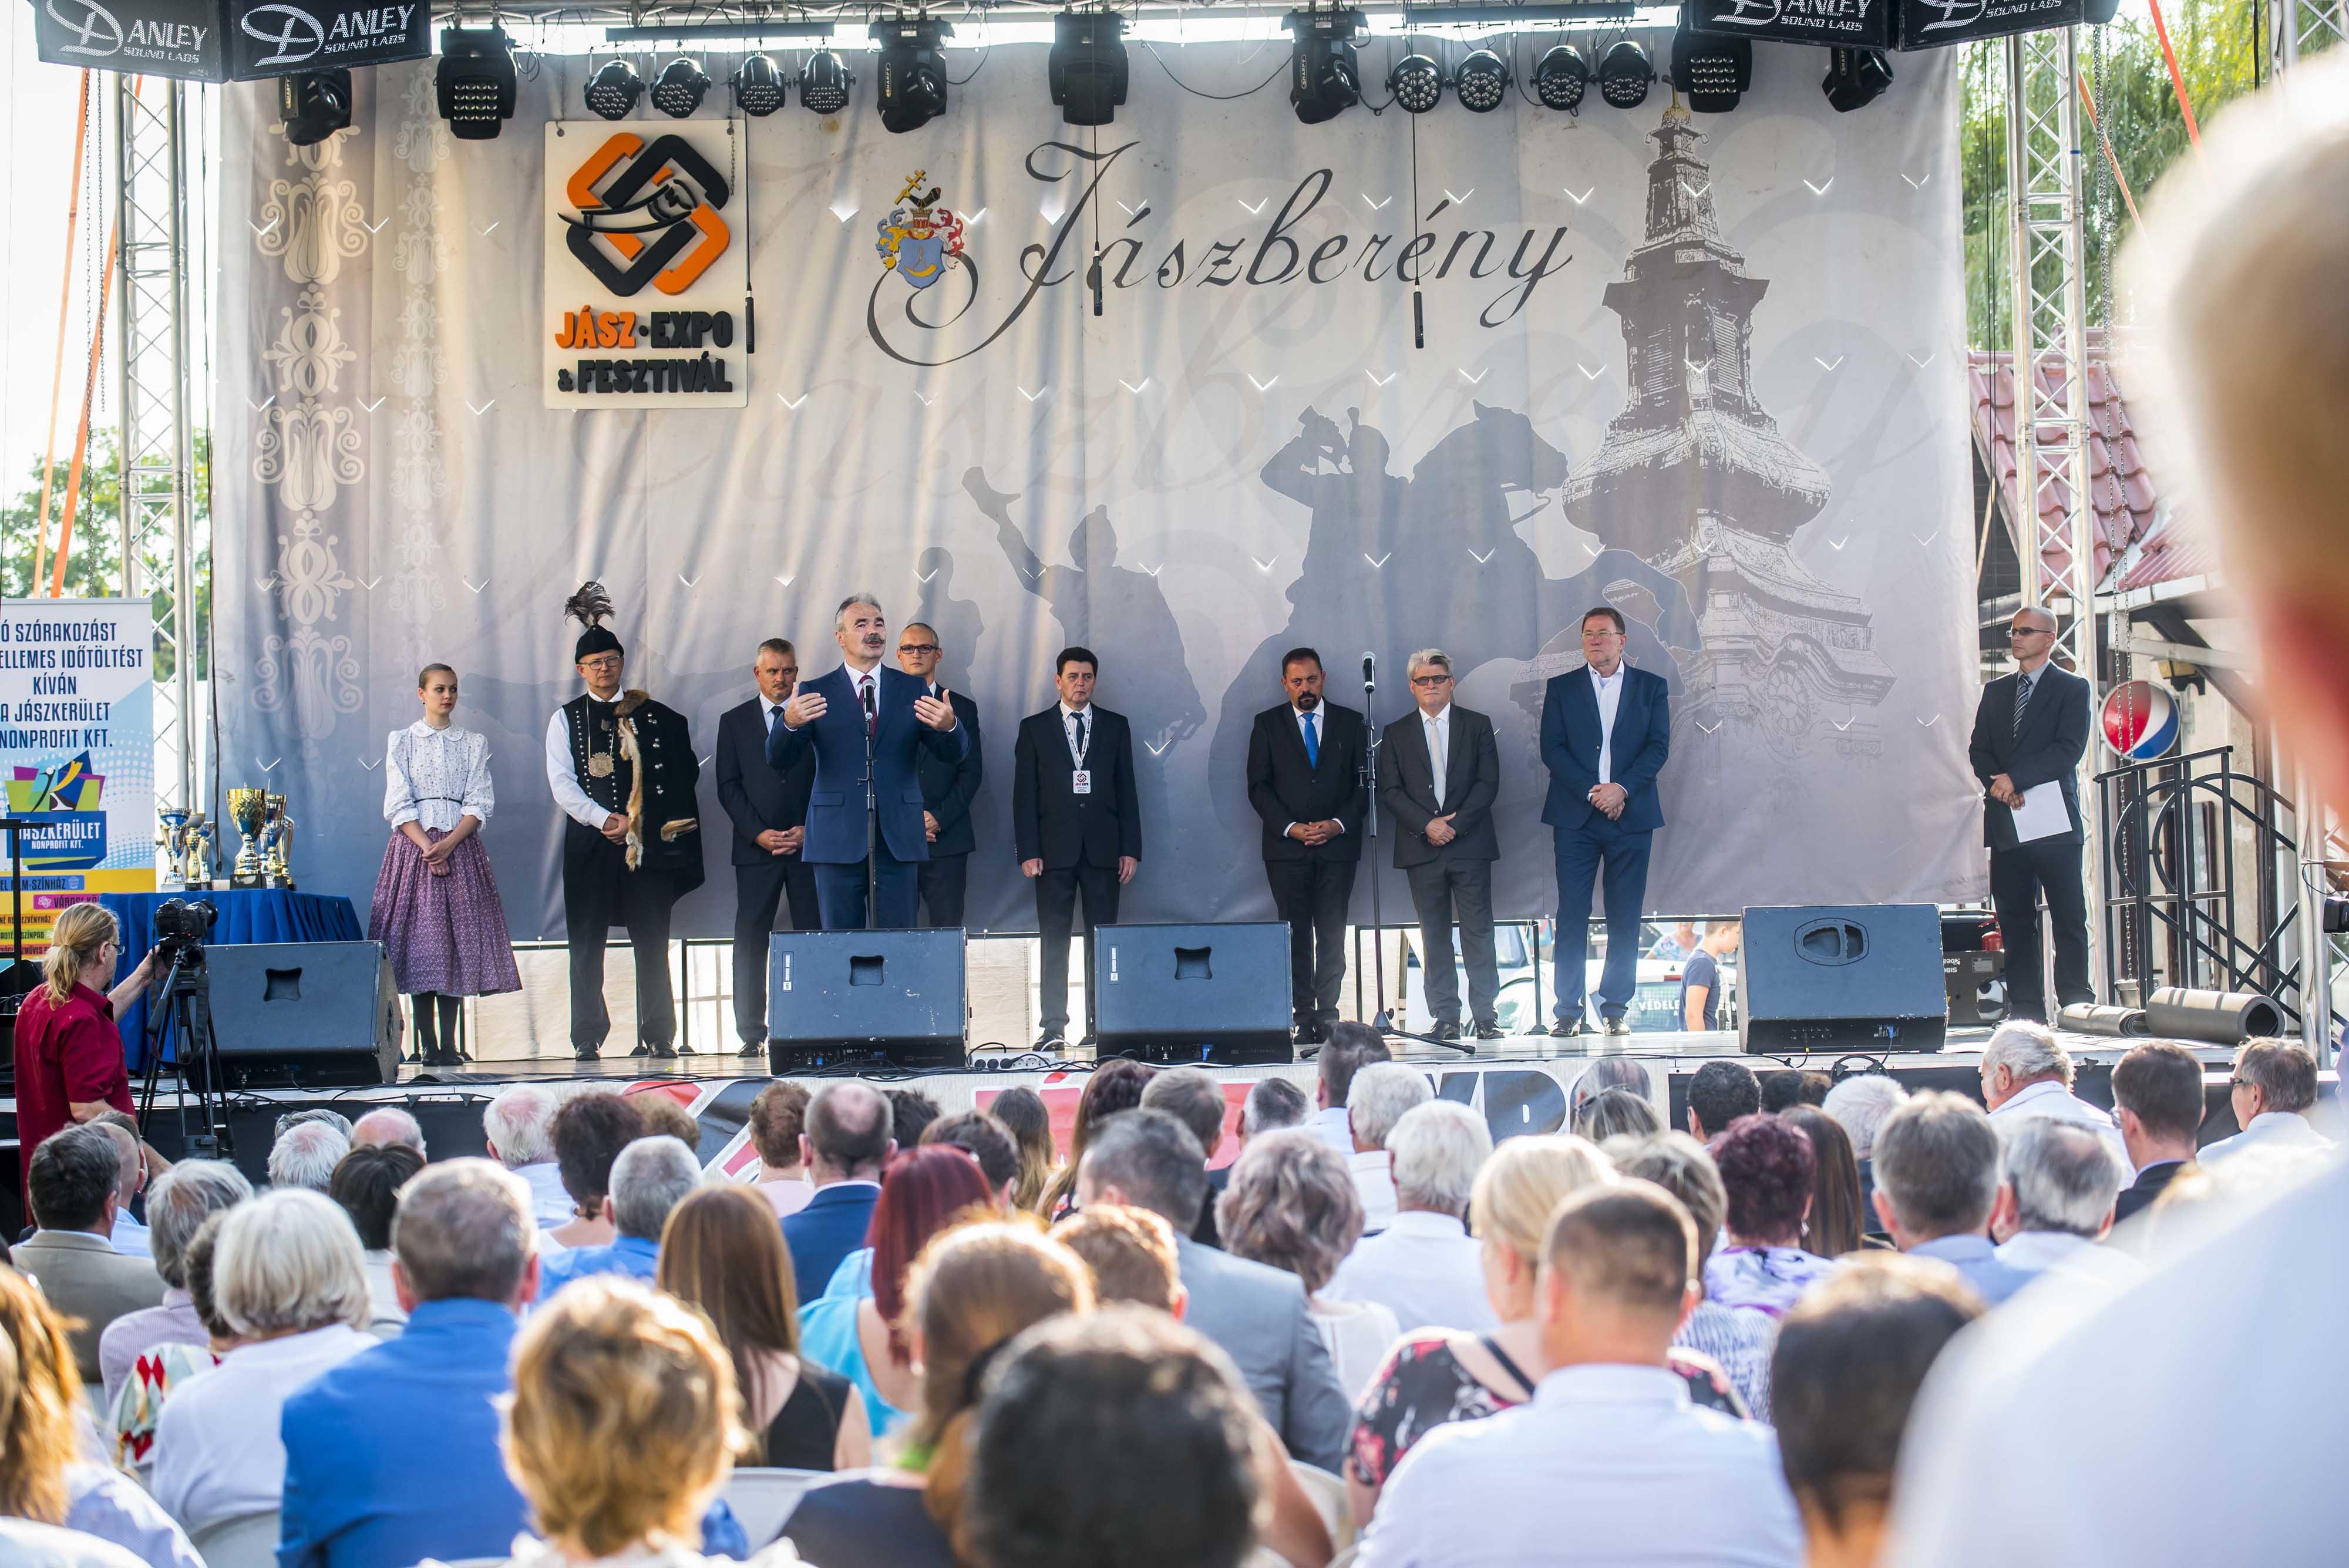 Nagy István, Jászberény, Jász expo